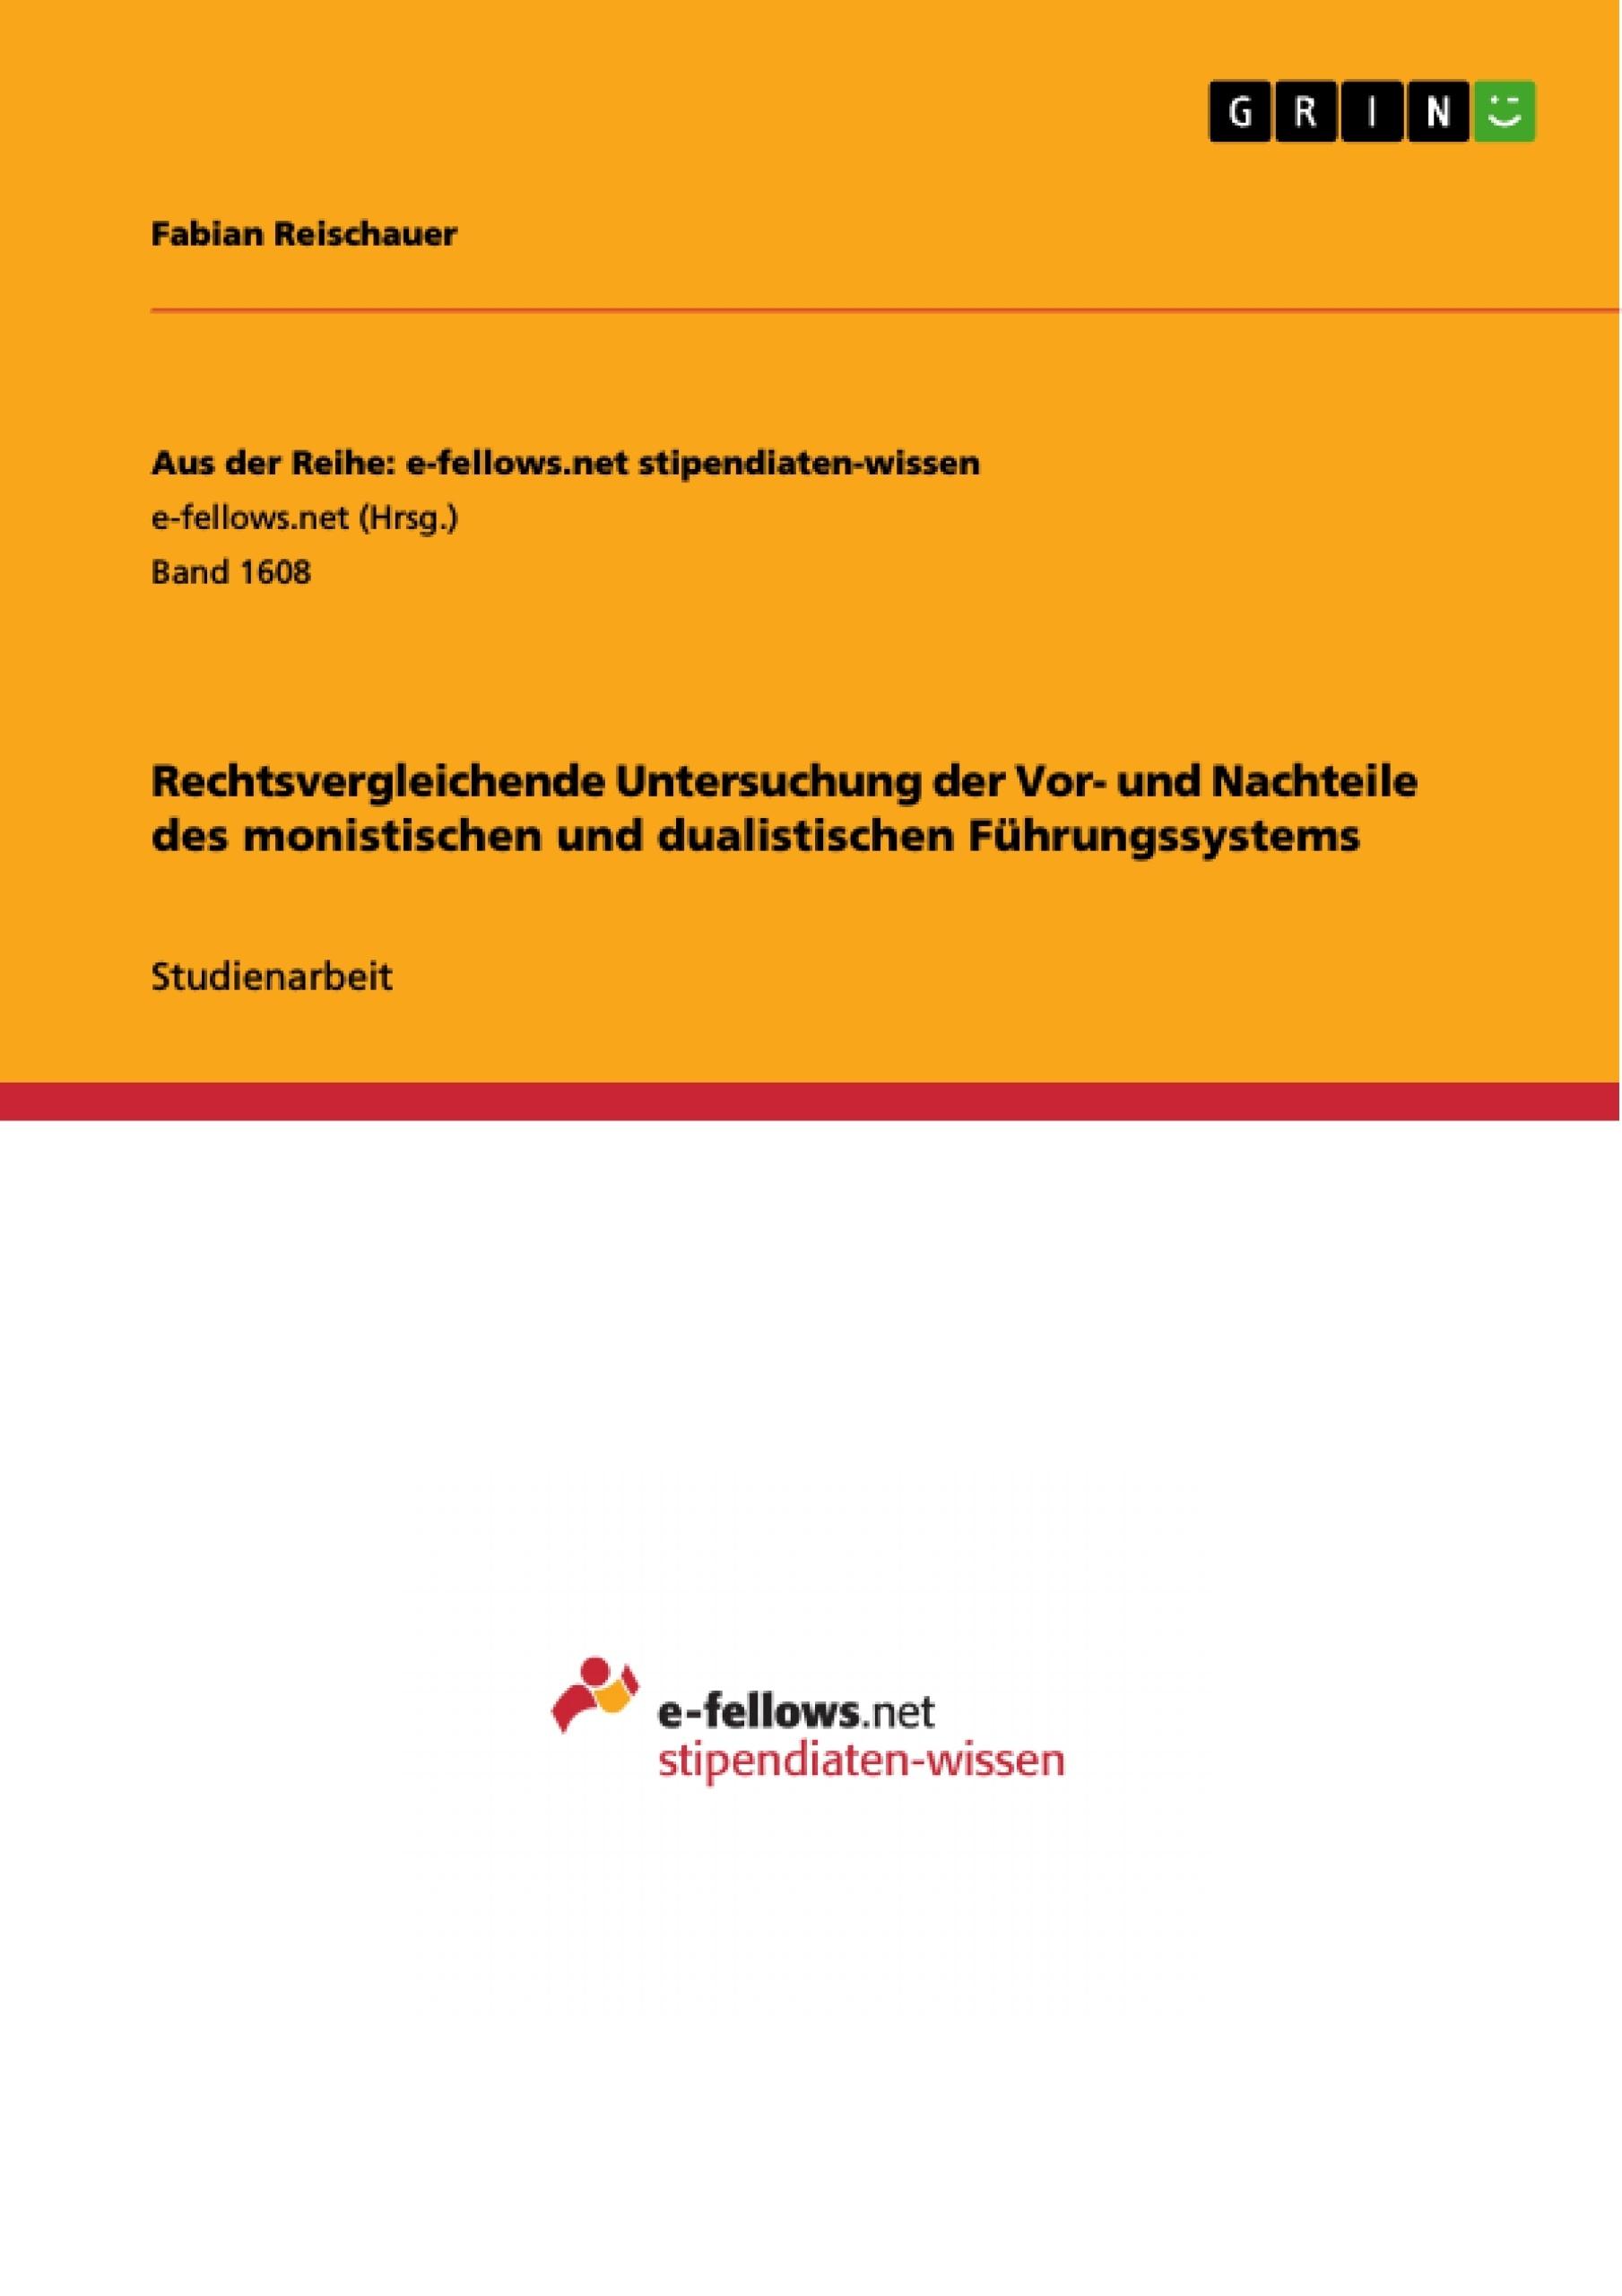 Titel: Rechtsvergleichende Untersuchung der Vor- und Nachteile des monistischen und dualistischen Führungssystems